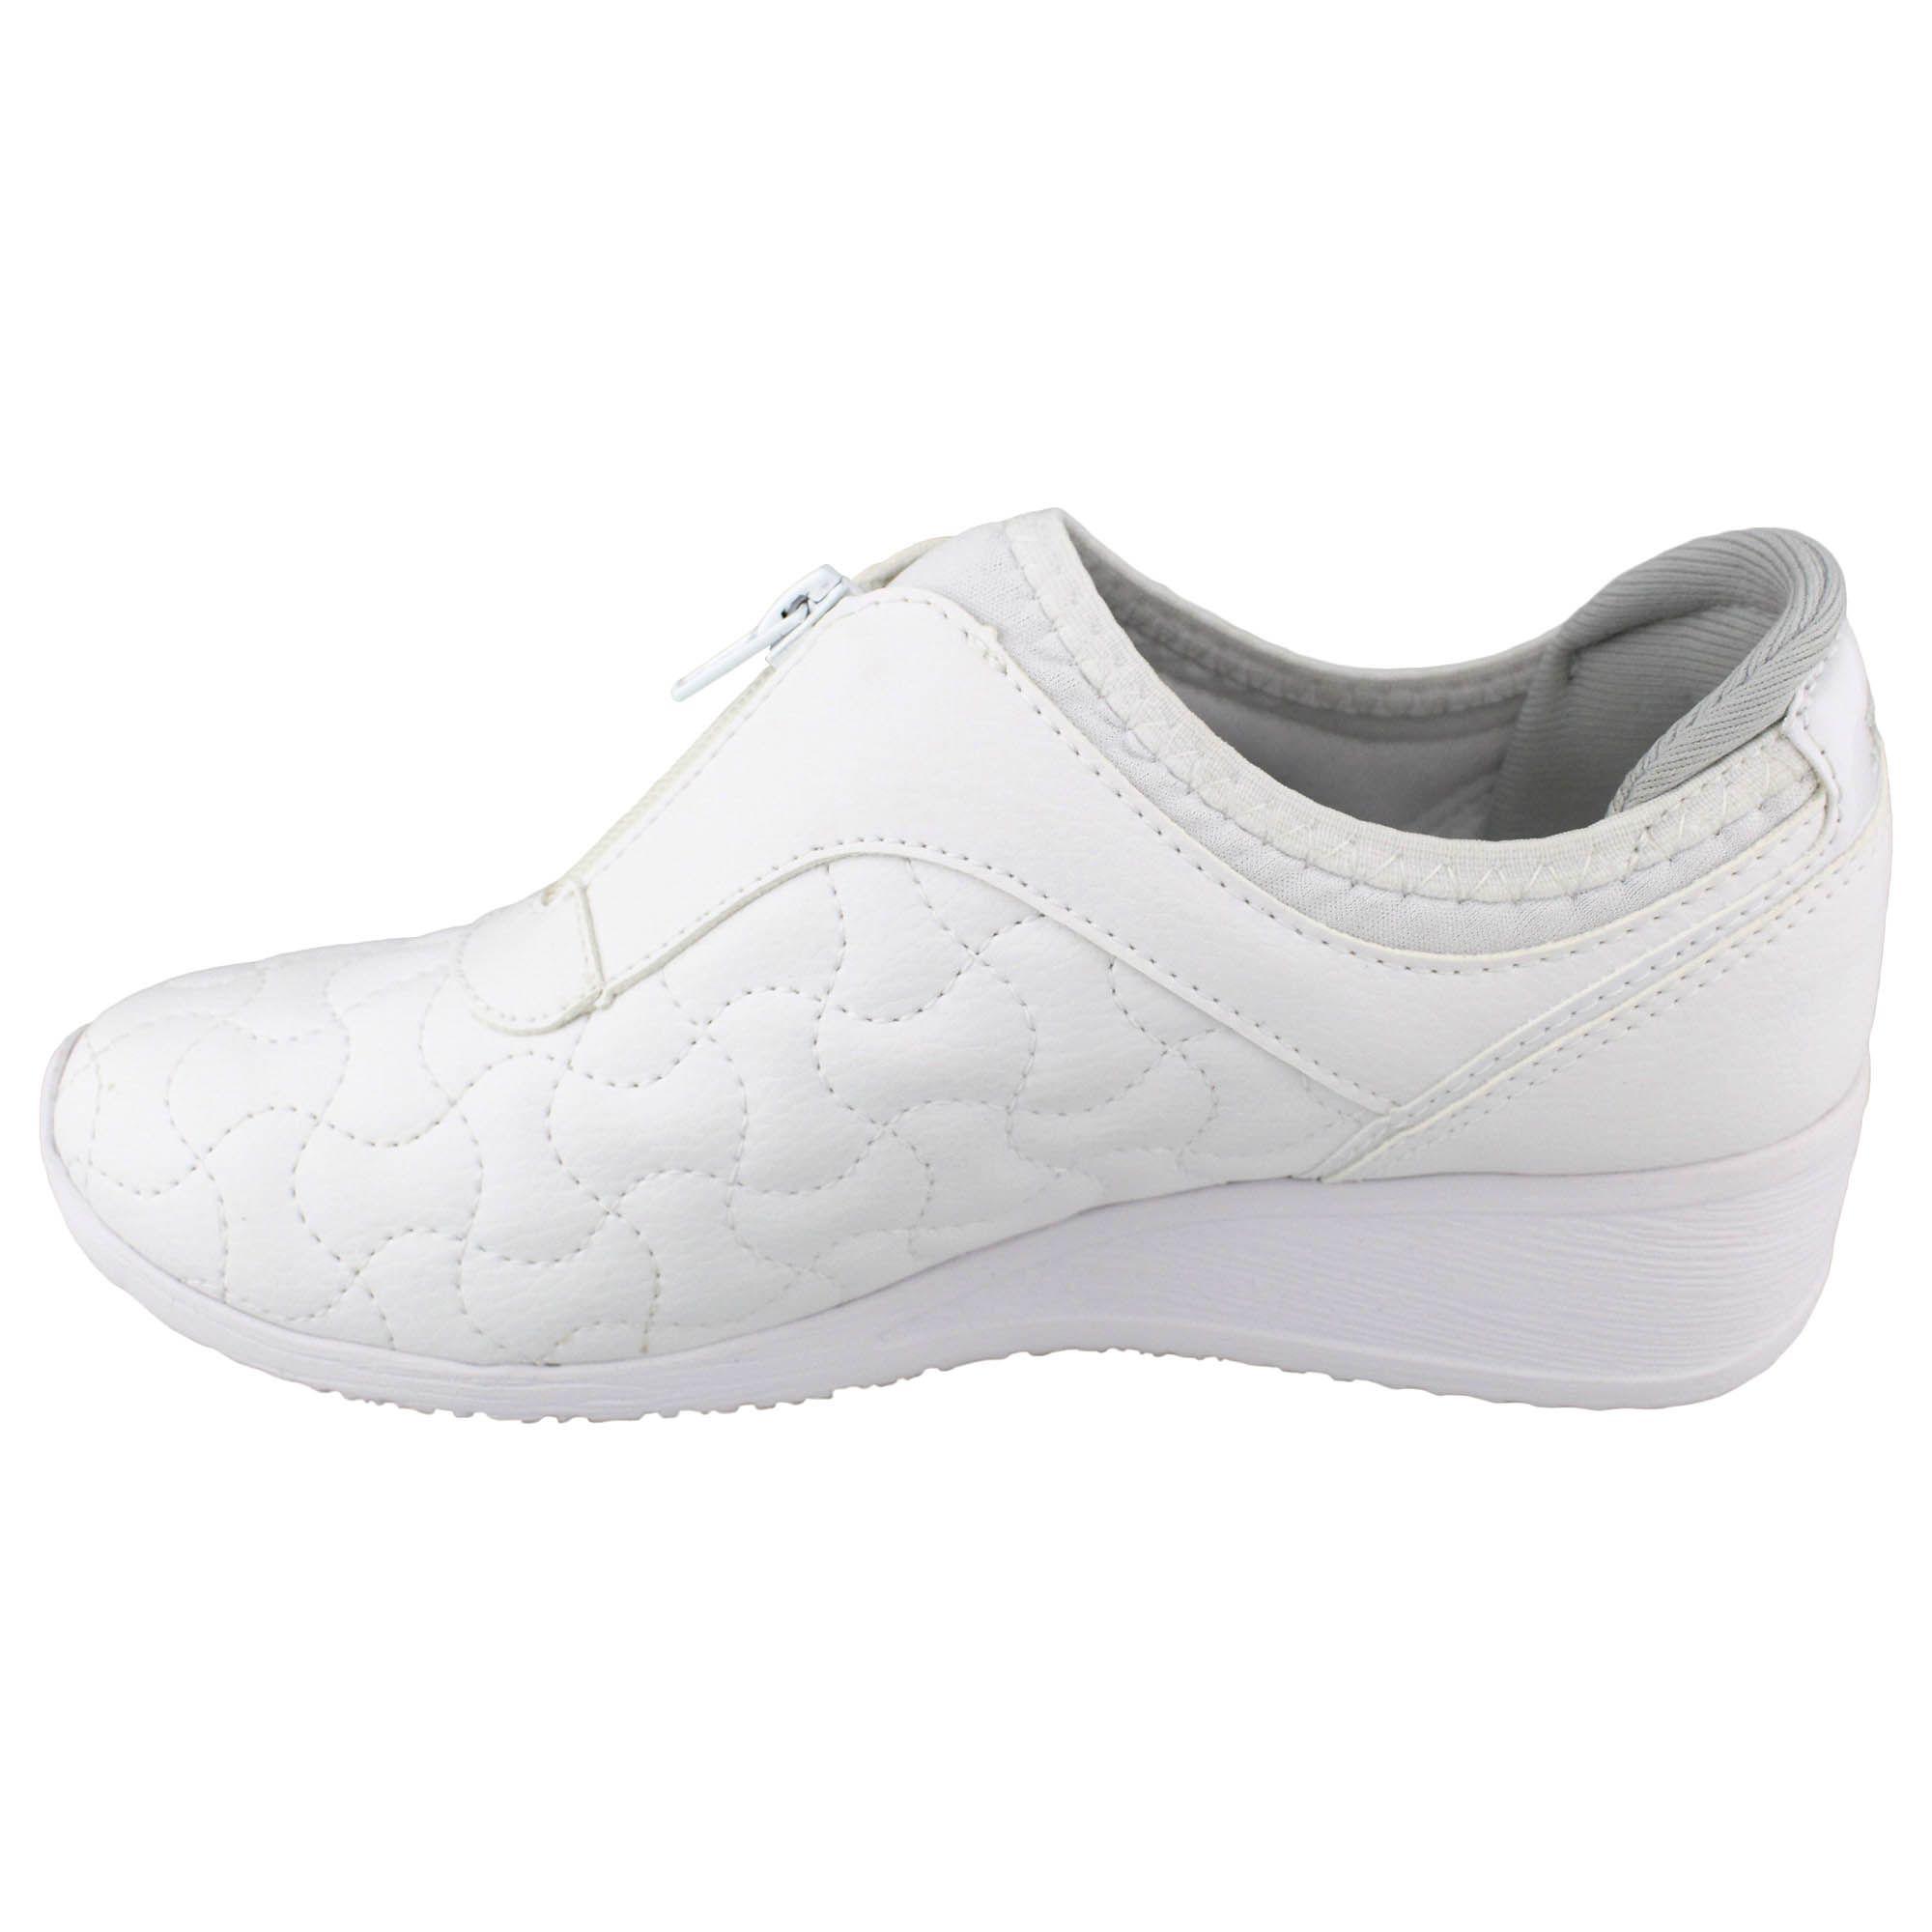 Tenis Feminino Kolosh Branco C1802